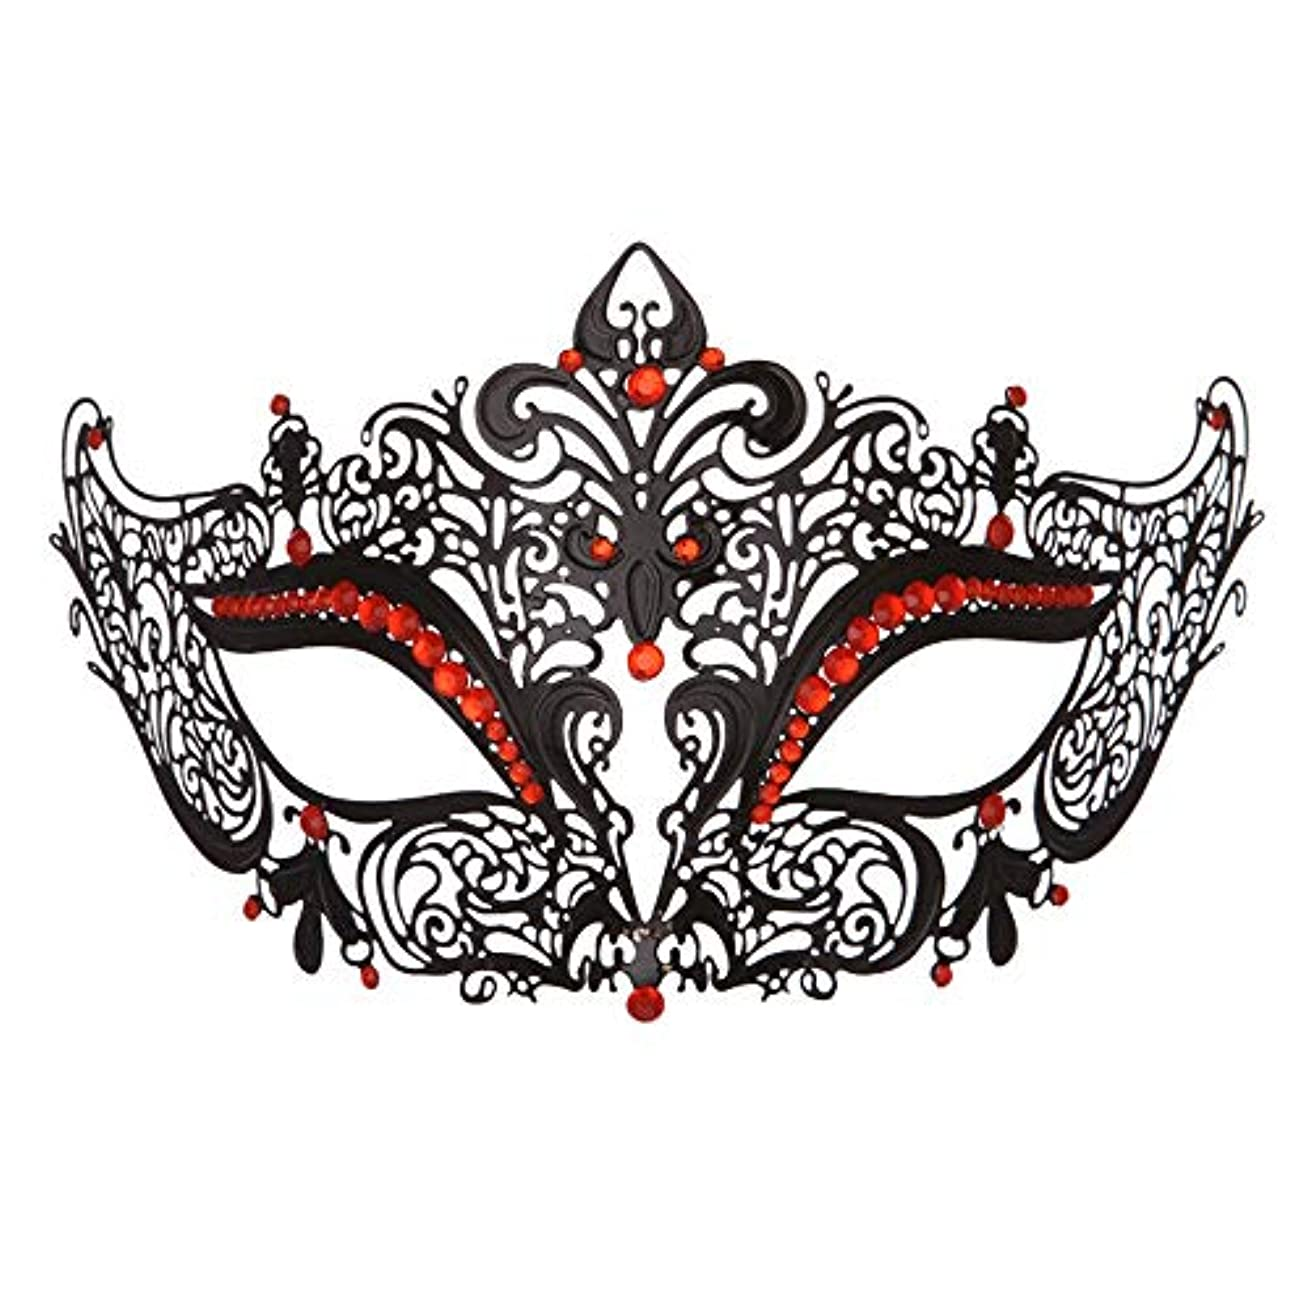 意図弱い重要なダンスマスク 高級金属鉄マスク女性美少女中空ハーフフェイスファッションナイトクラブパーティー仮面舞踏会マスク ホリデーパーティー用品 (色 : 赤, サイズ : 19x8cm)